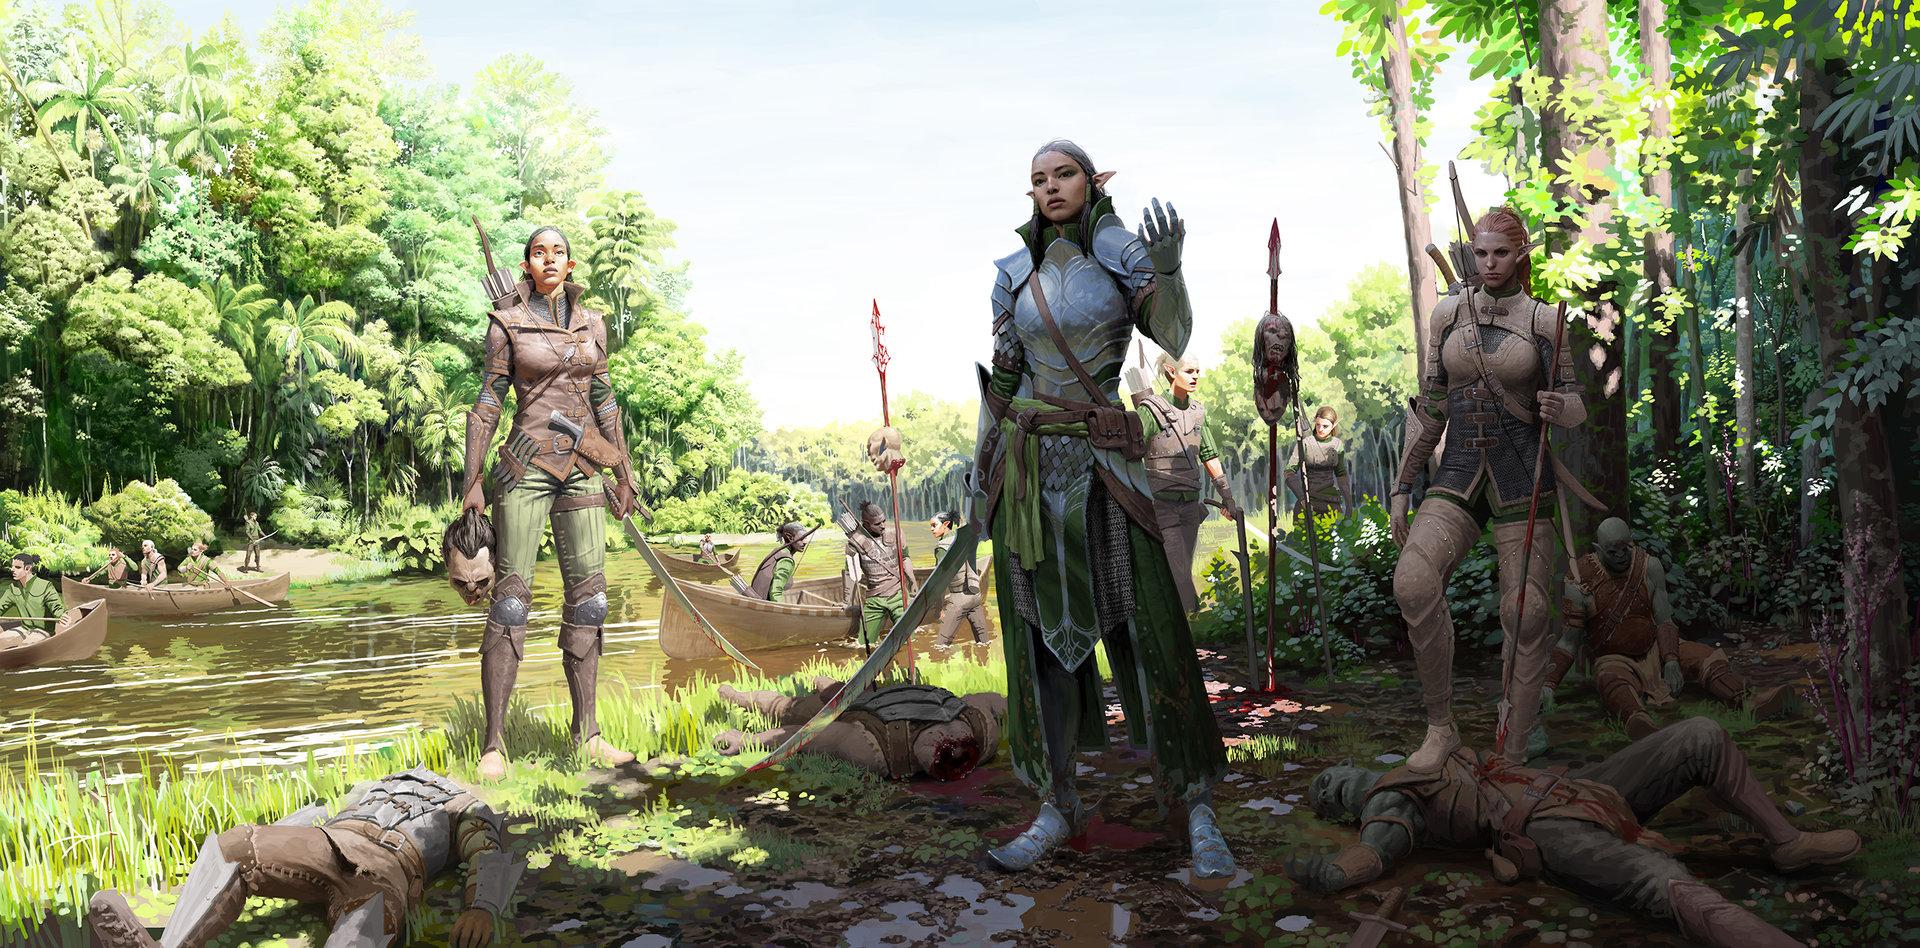 Un lee elven rangers 01